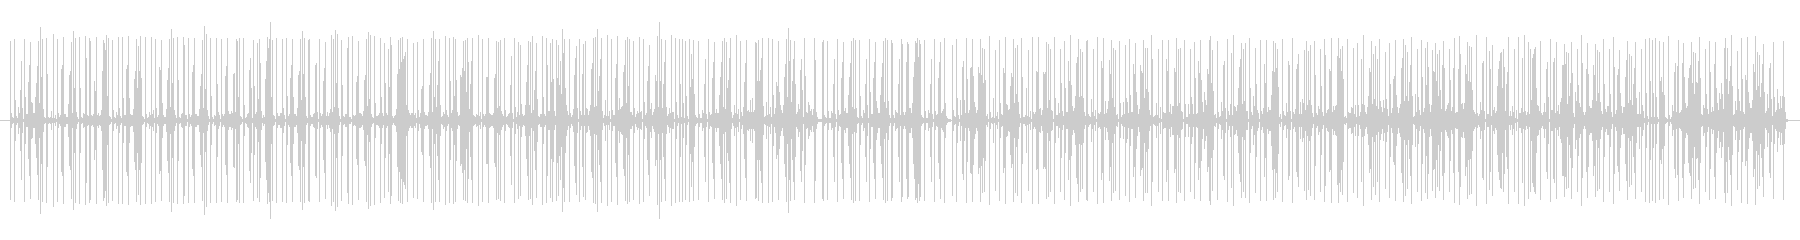 グルーブ16ビートpurdie風ドラム2の未再生の波形